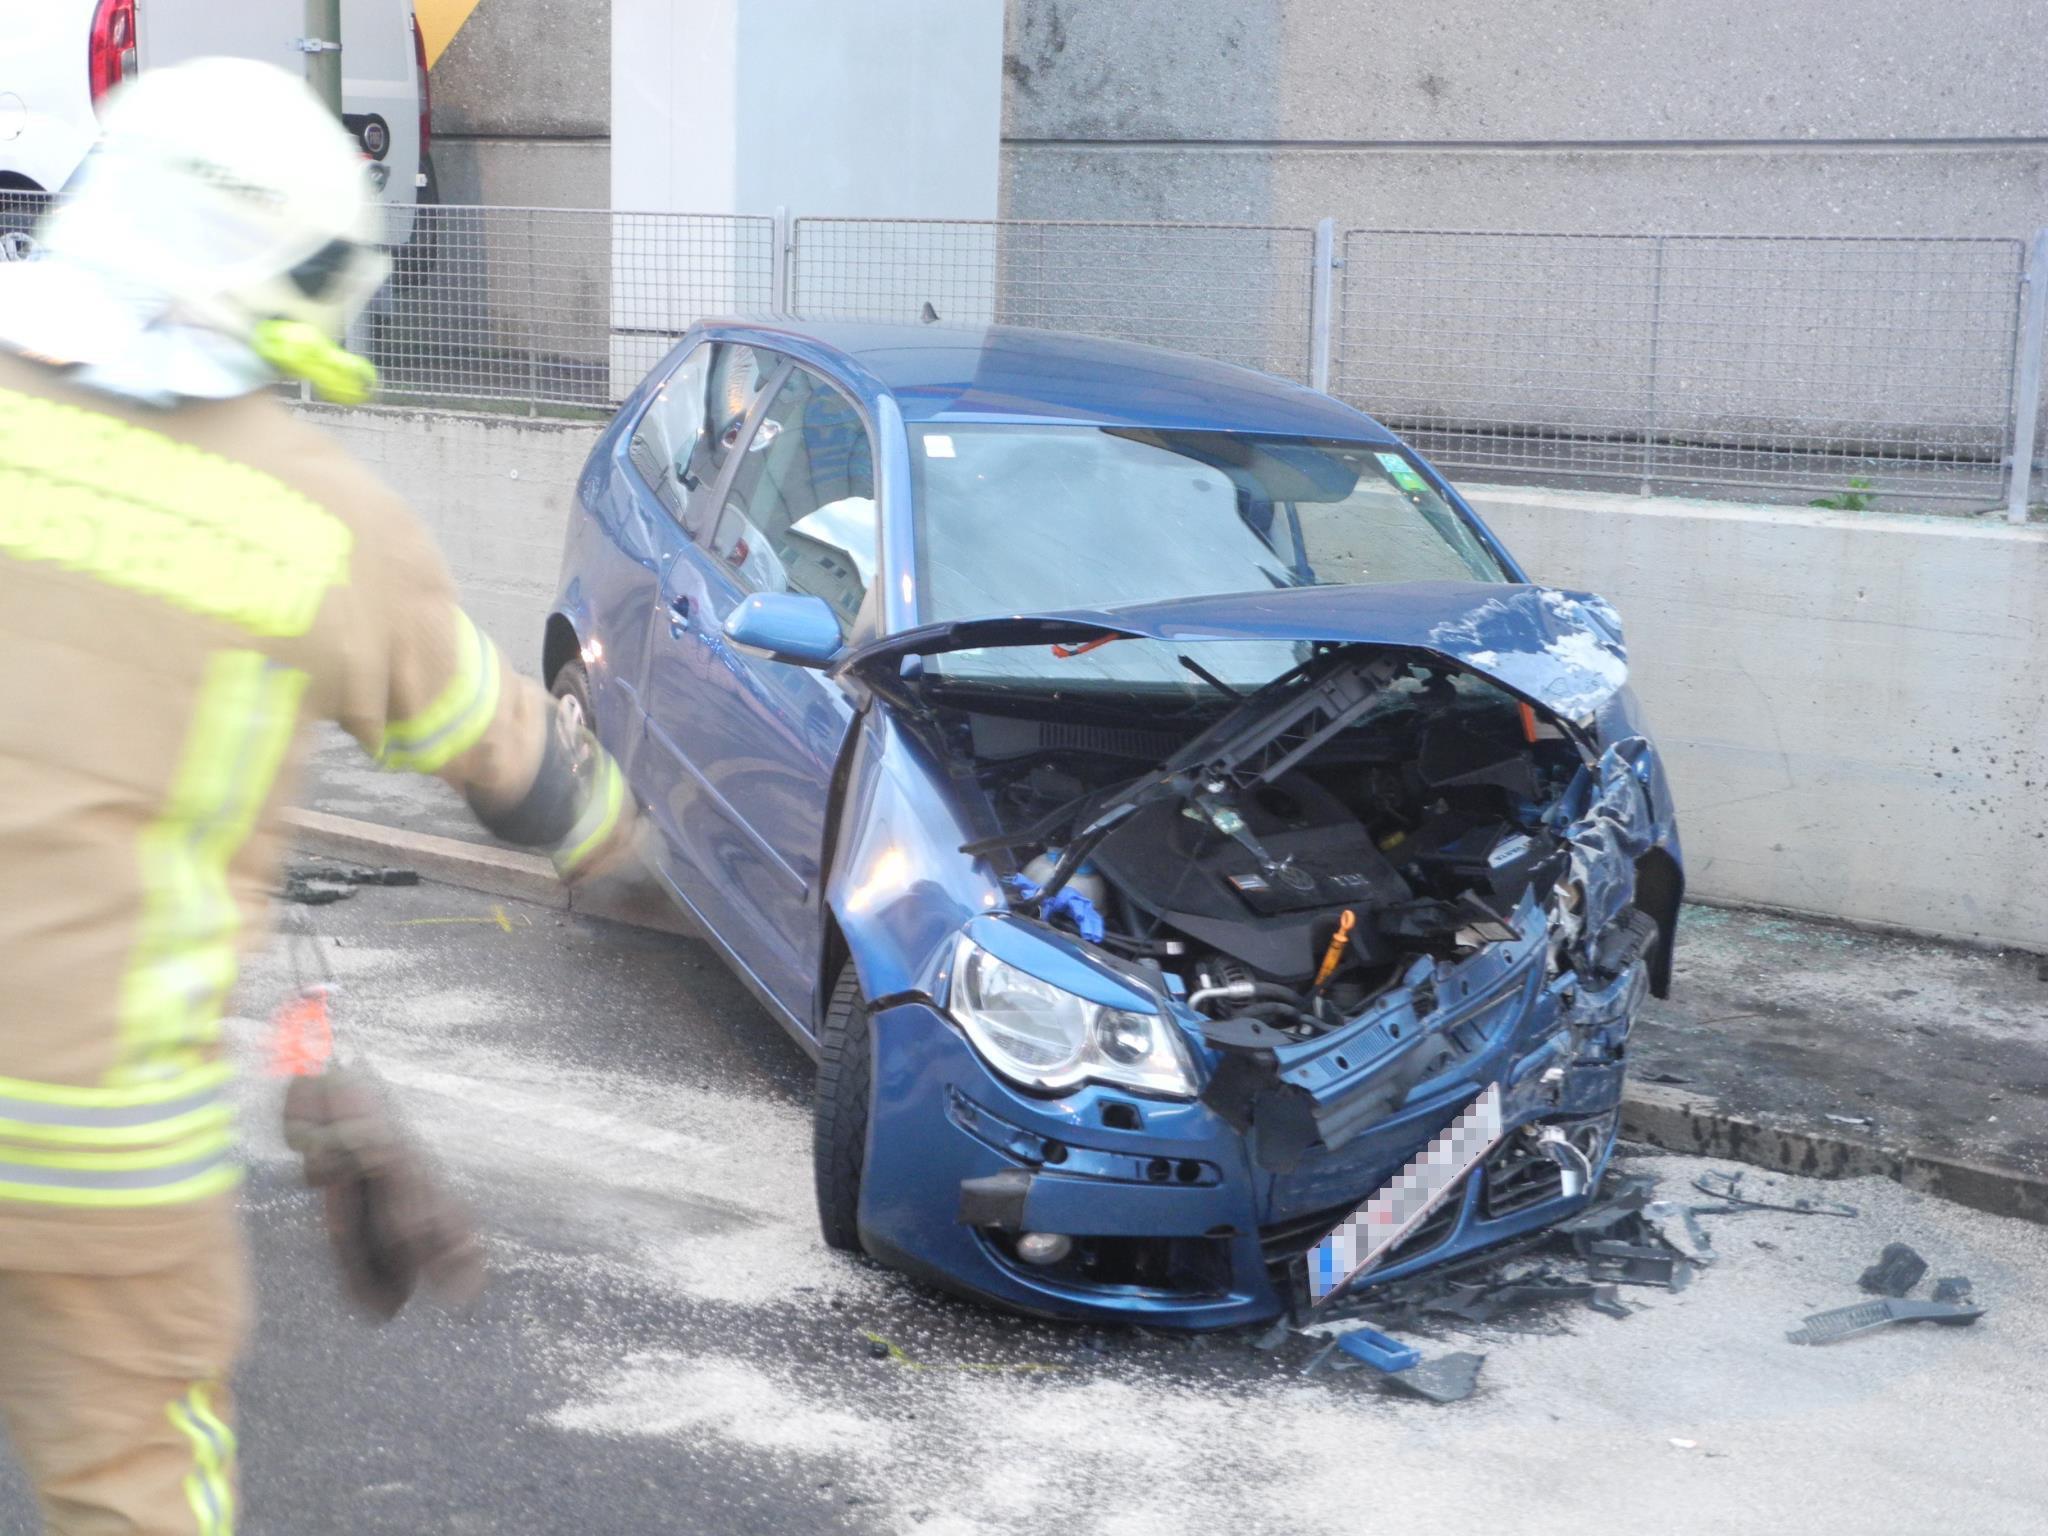 Totalschaden am Pkw, Krankenhaus für den Fahrer - Die Beifahrer wurden leicht verletzt.